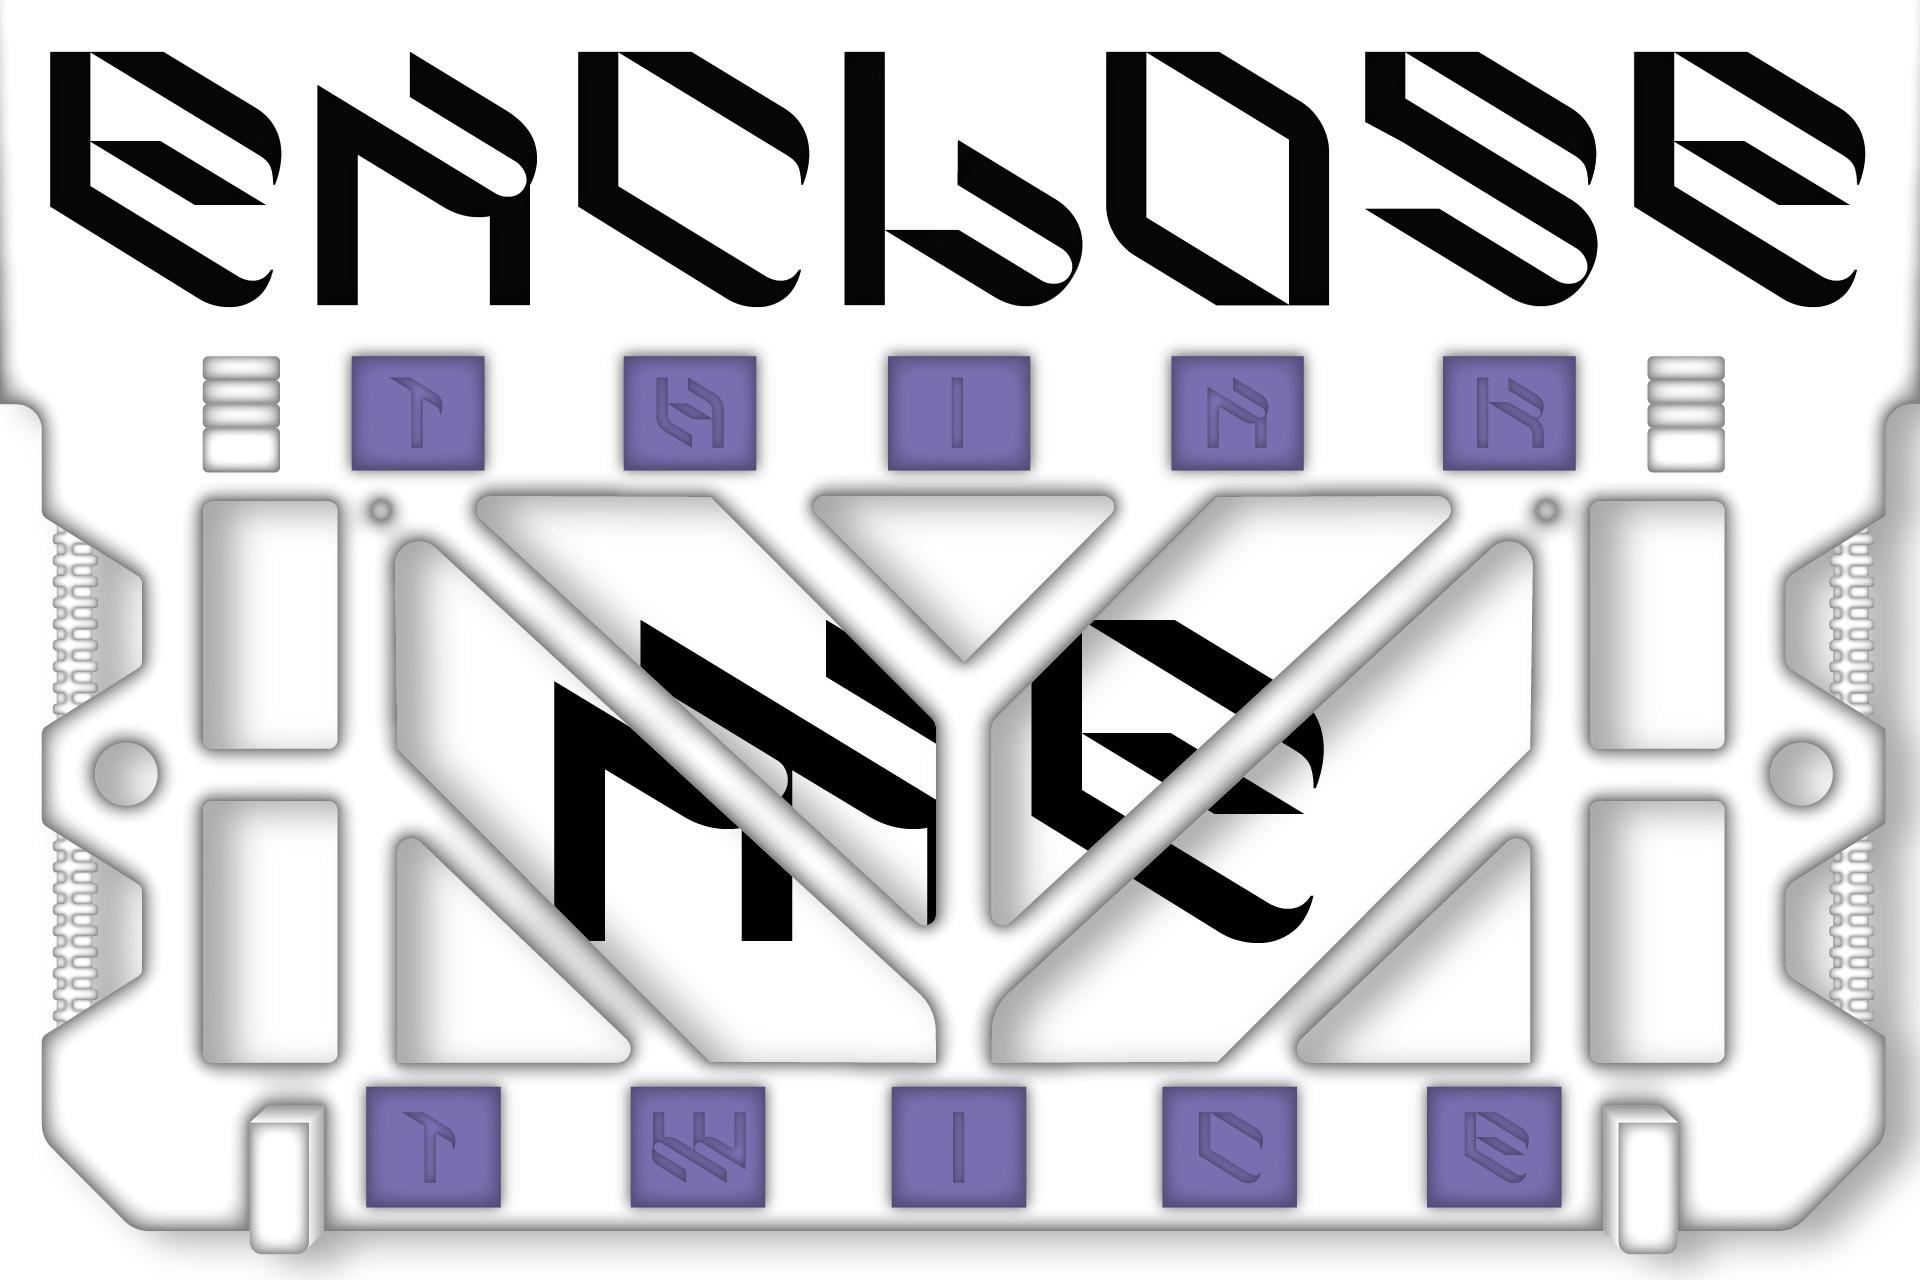 倾斜对角线英文字体下载 Eskos Typeface插图(16)